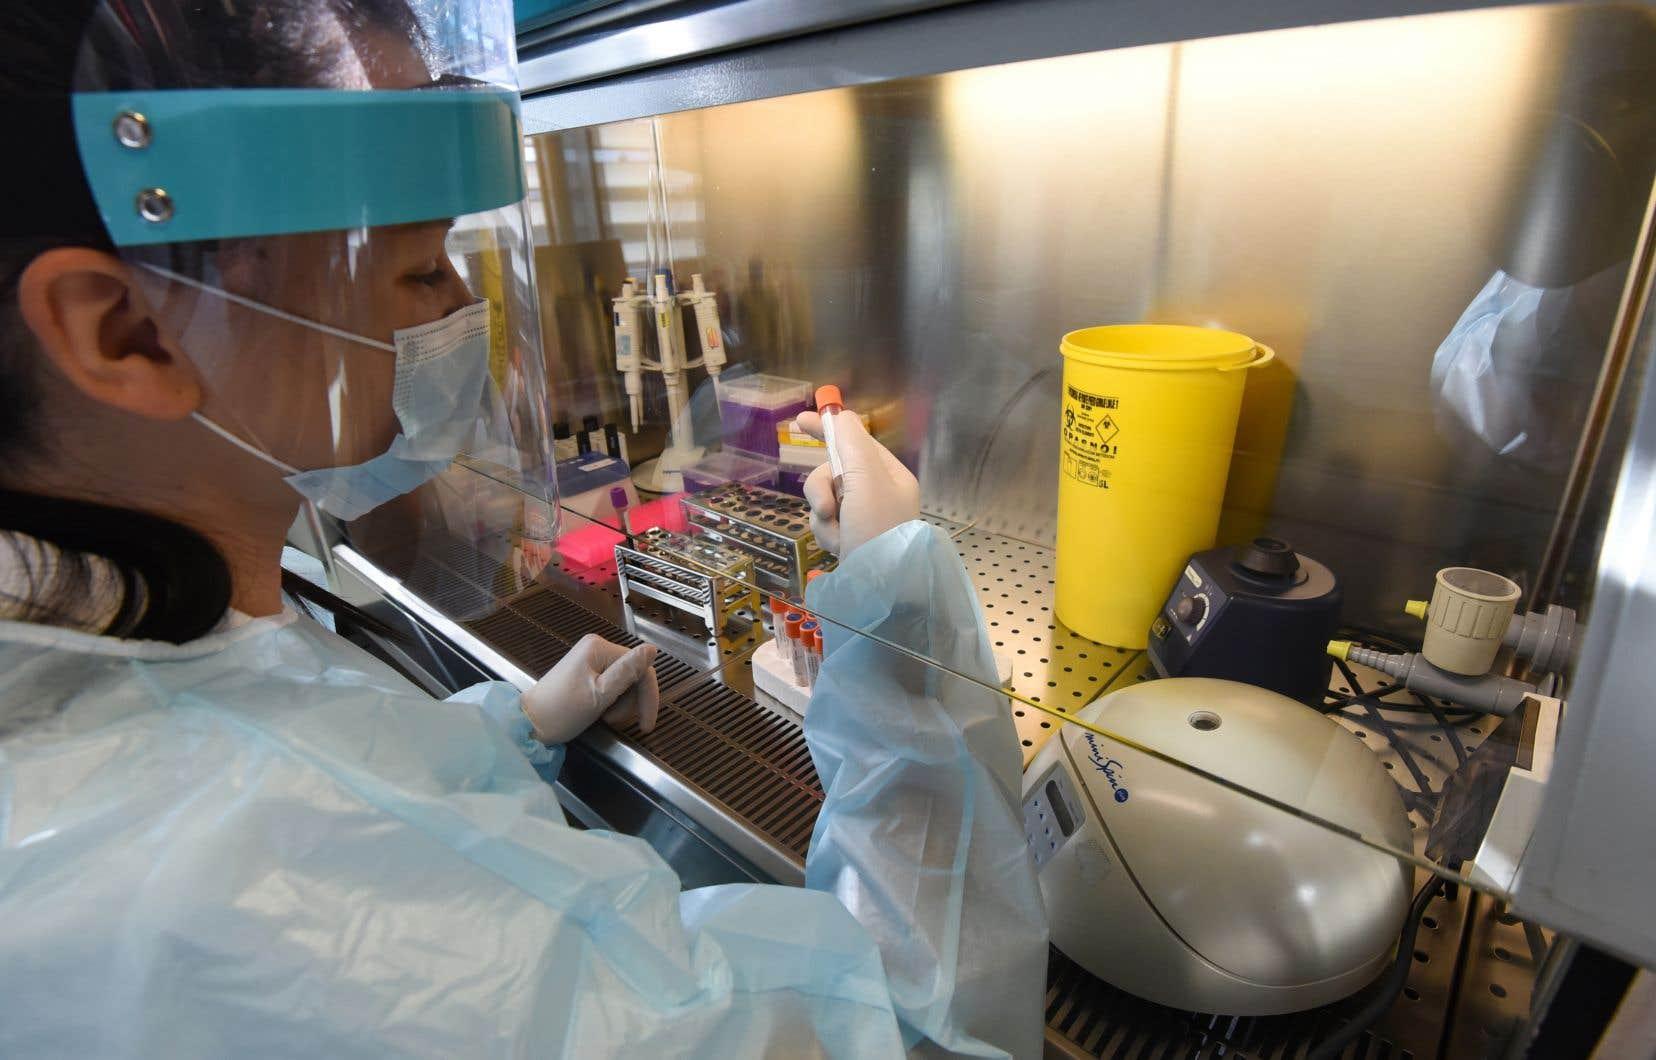 Lorsque la COVID-19 a commencé à gagner un pays après l'autre à la fin de l'hiver et au printemps, les gouvernements et l'industrie pharmaceutique ont annoncé des investissements sans précédent pour stimuler la recherche d'un vaccin pouvant endiguer la maladie.